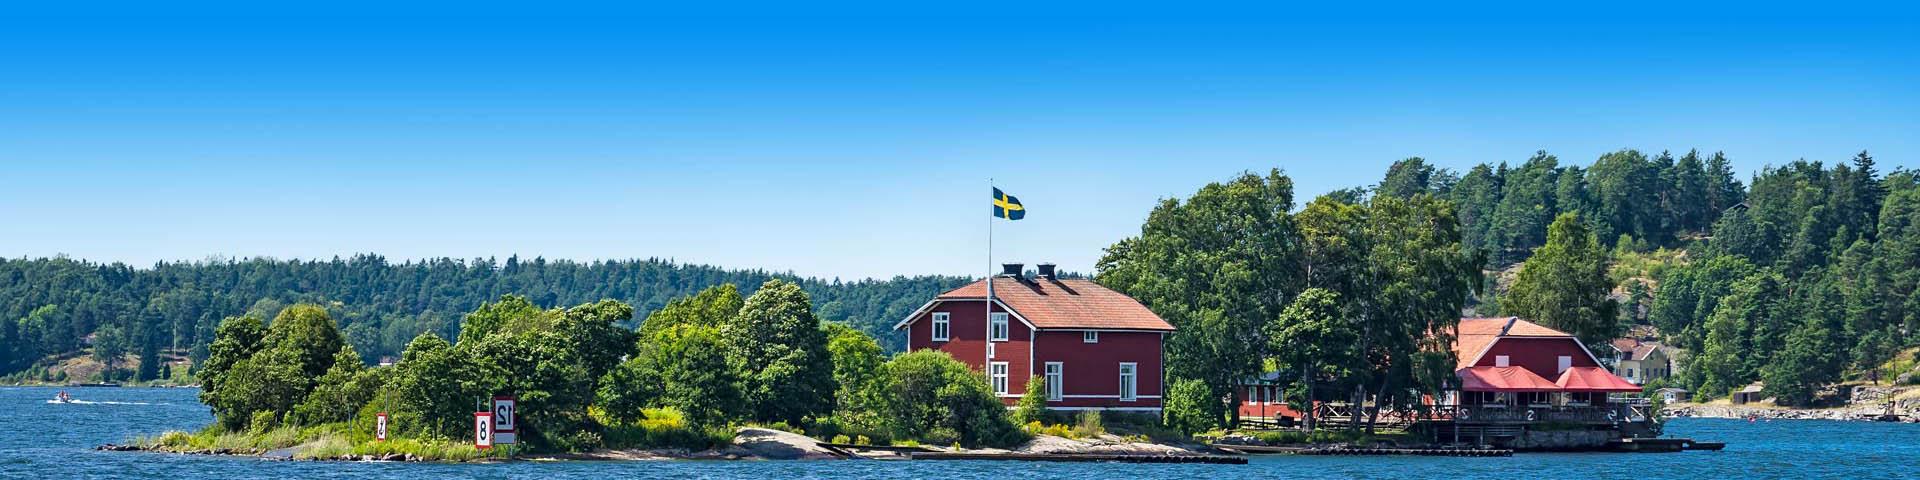 Groot meer met een klein rood huisje in Zweden.